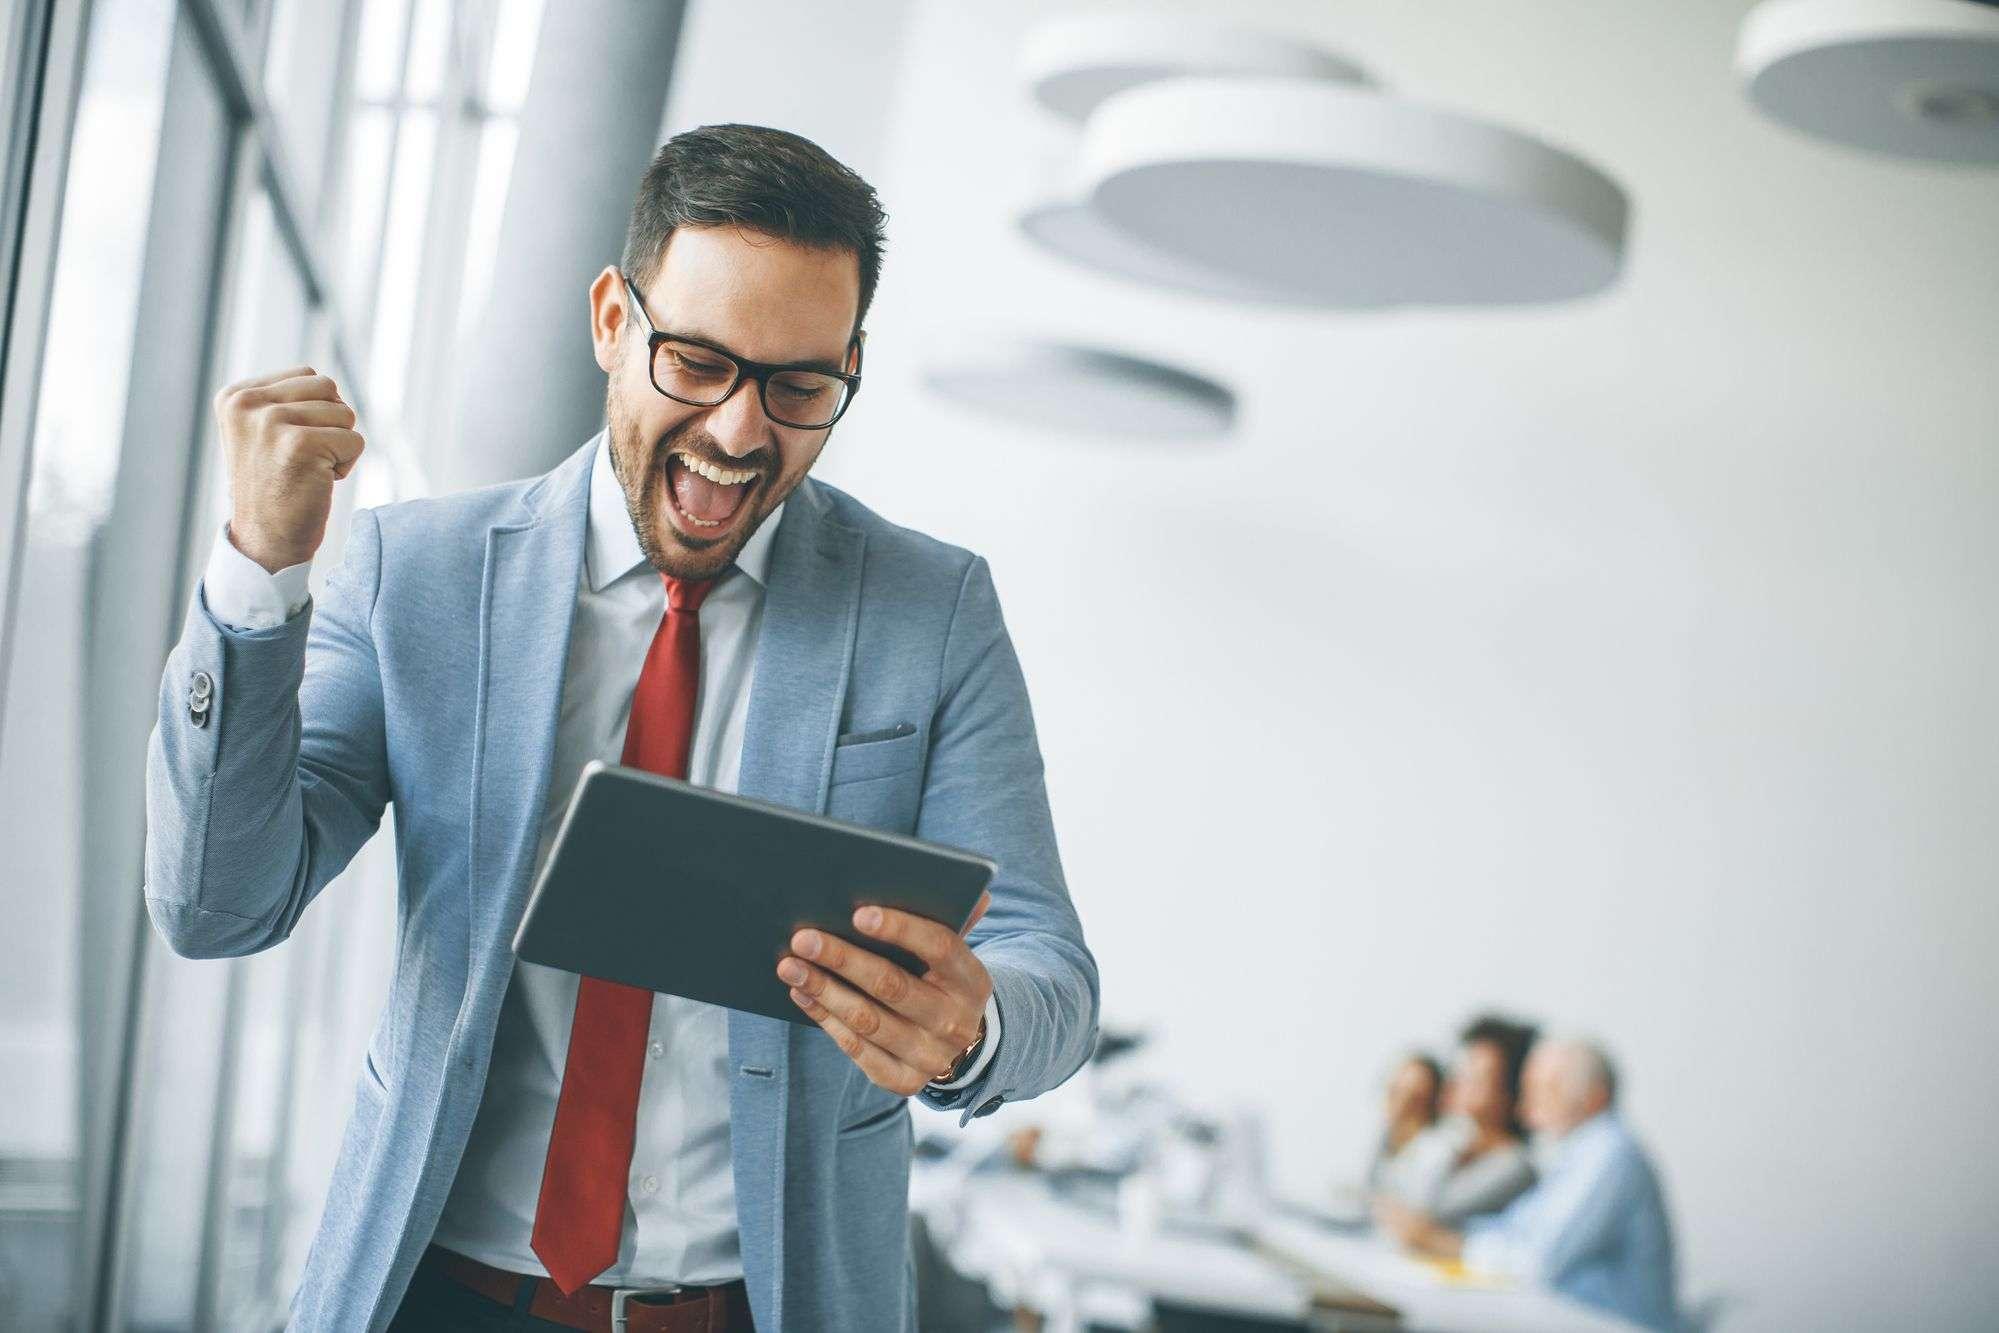 Quer Aumentar Seu Salário Em 31%? Invista Em Um MBA De Qualidade